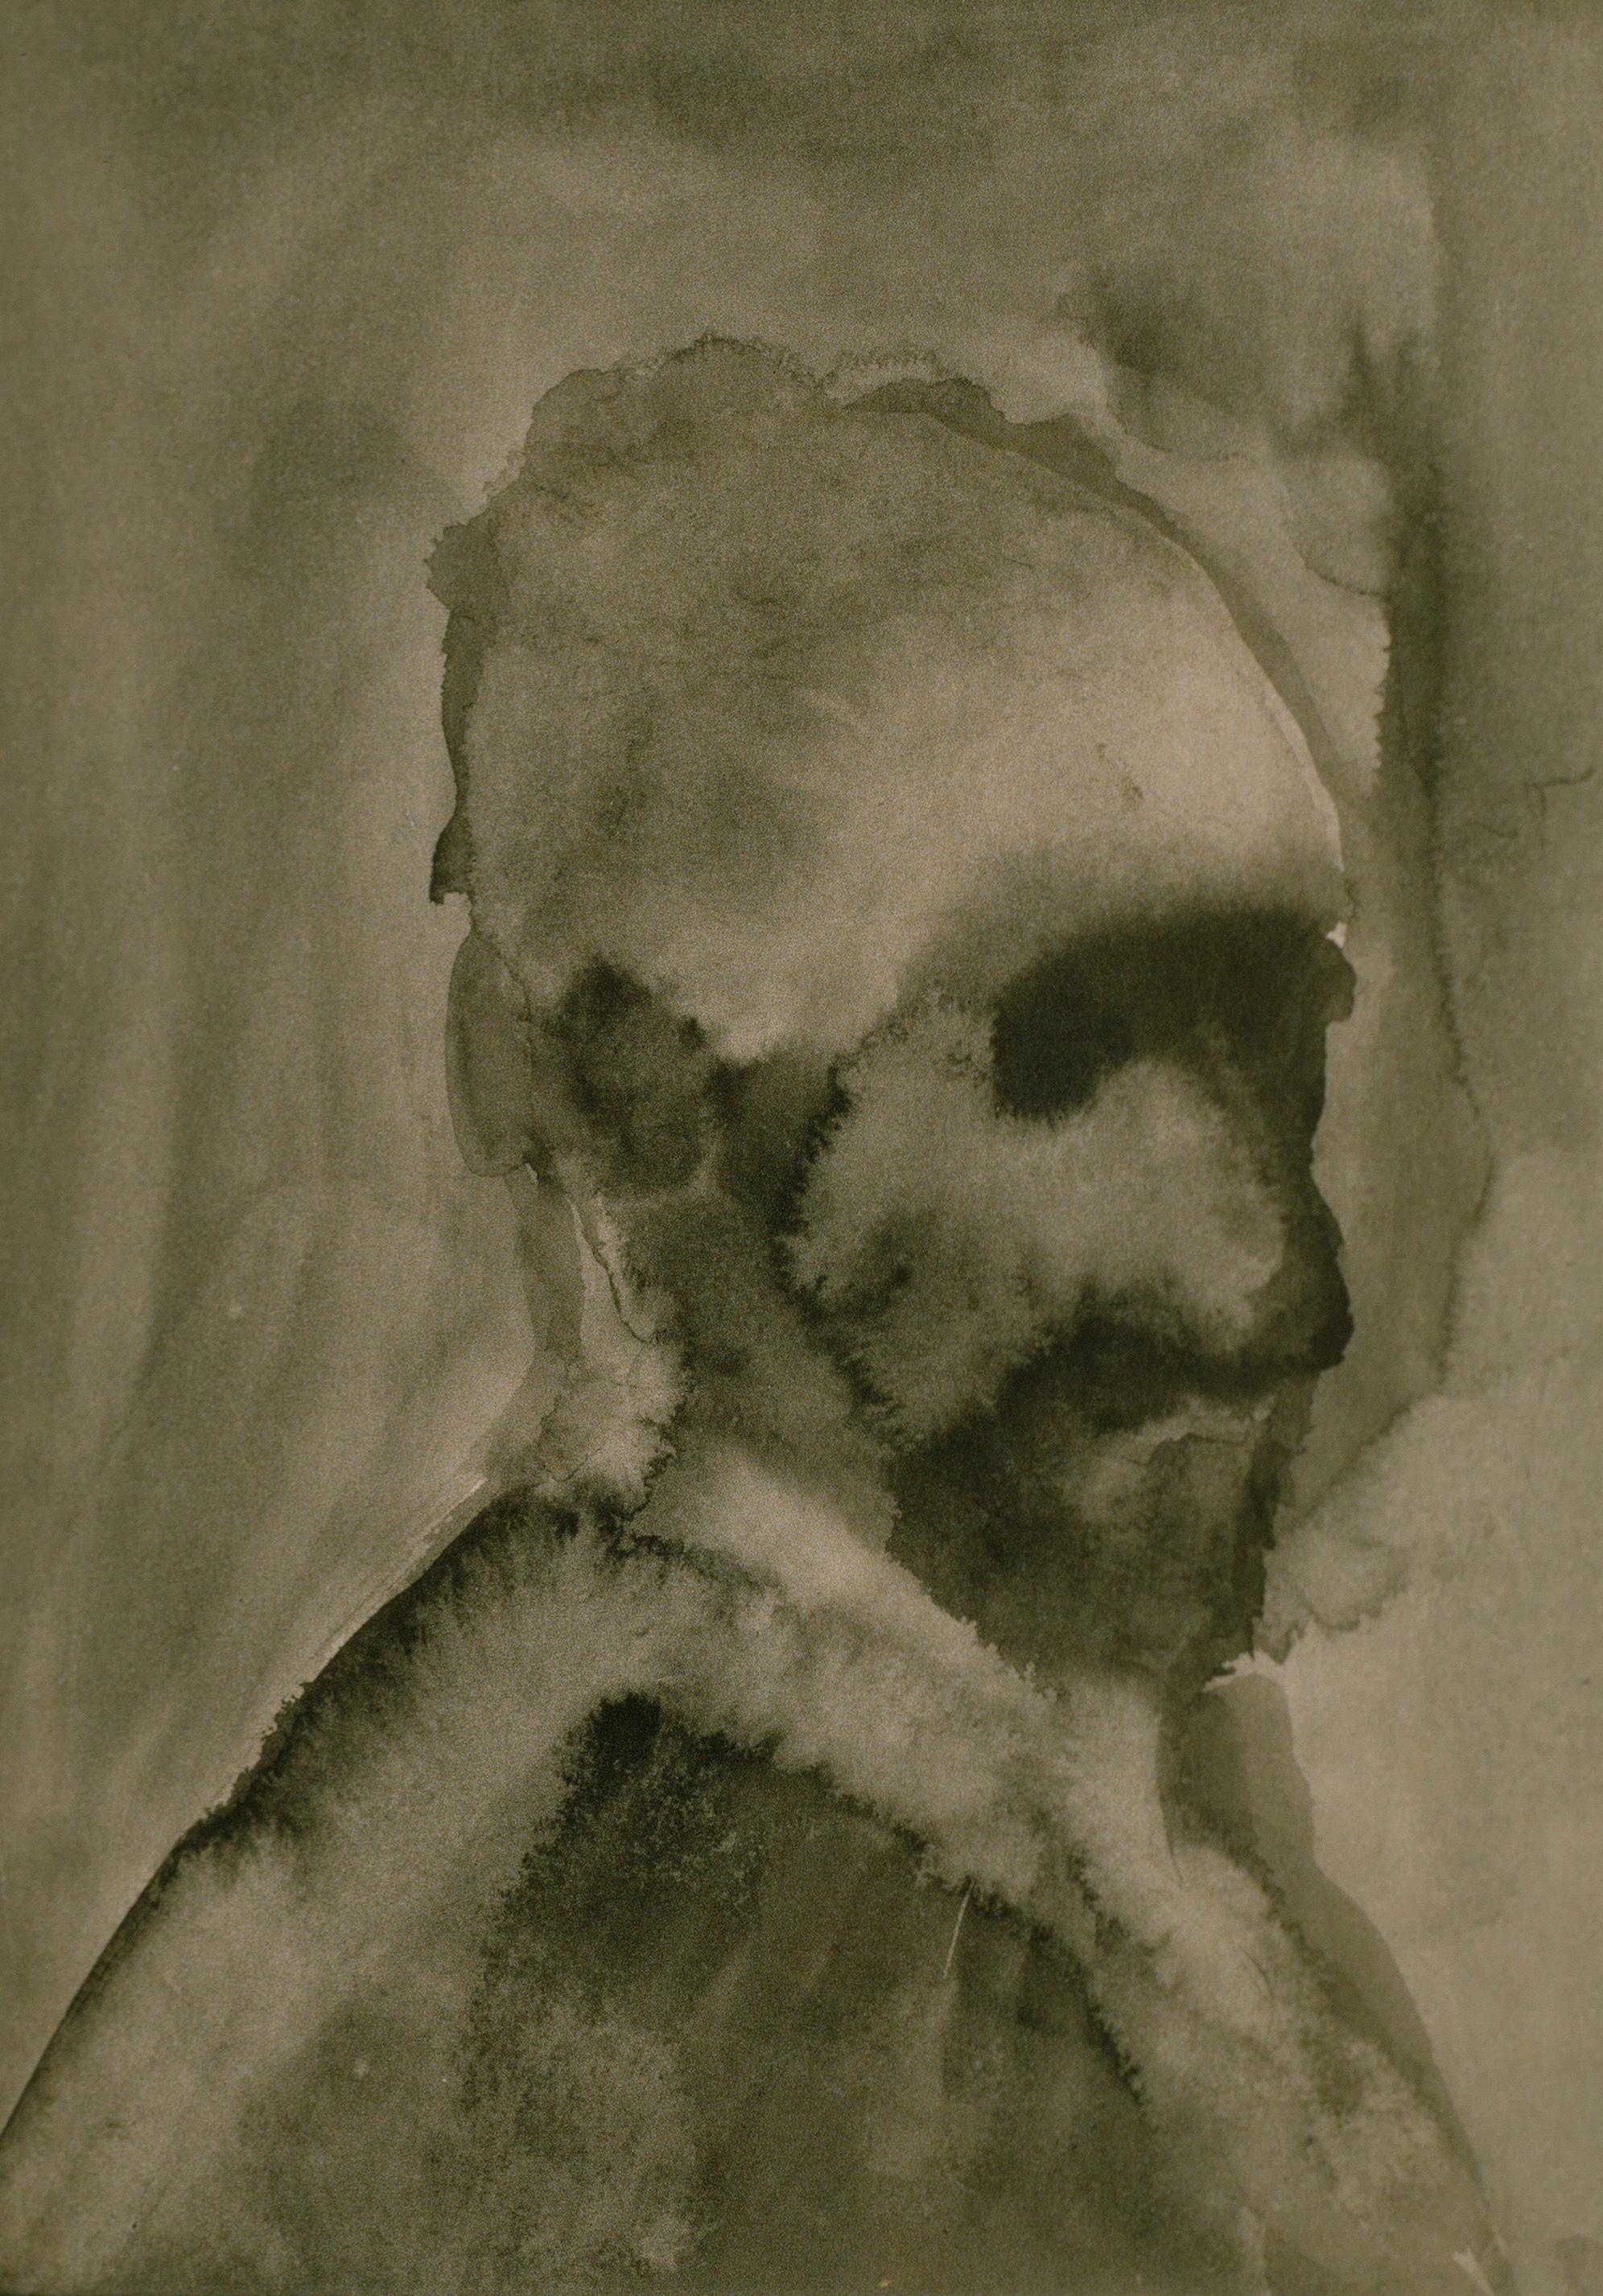 1991 - Van Gogh